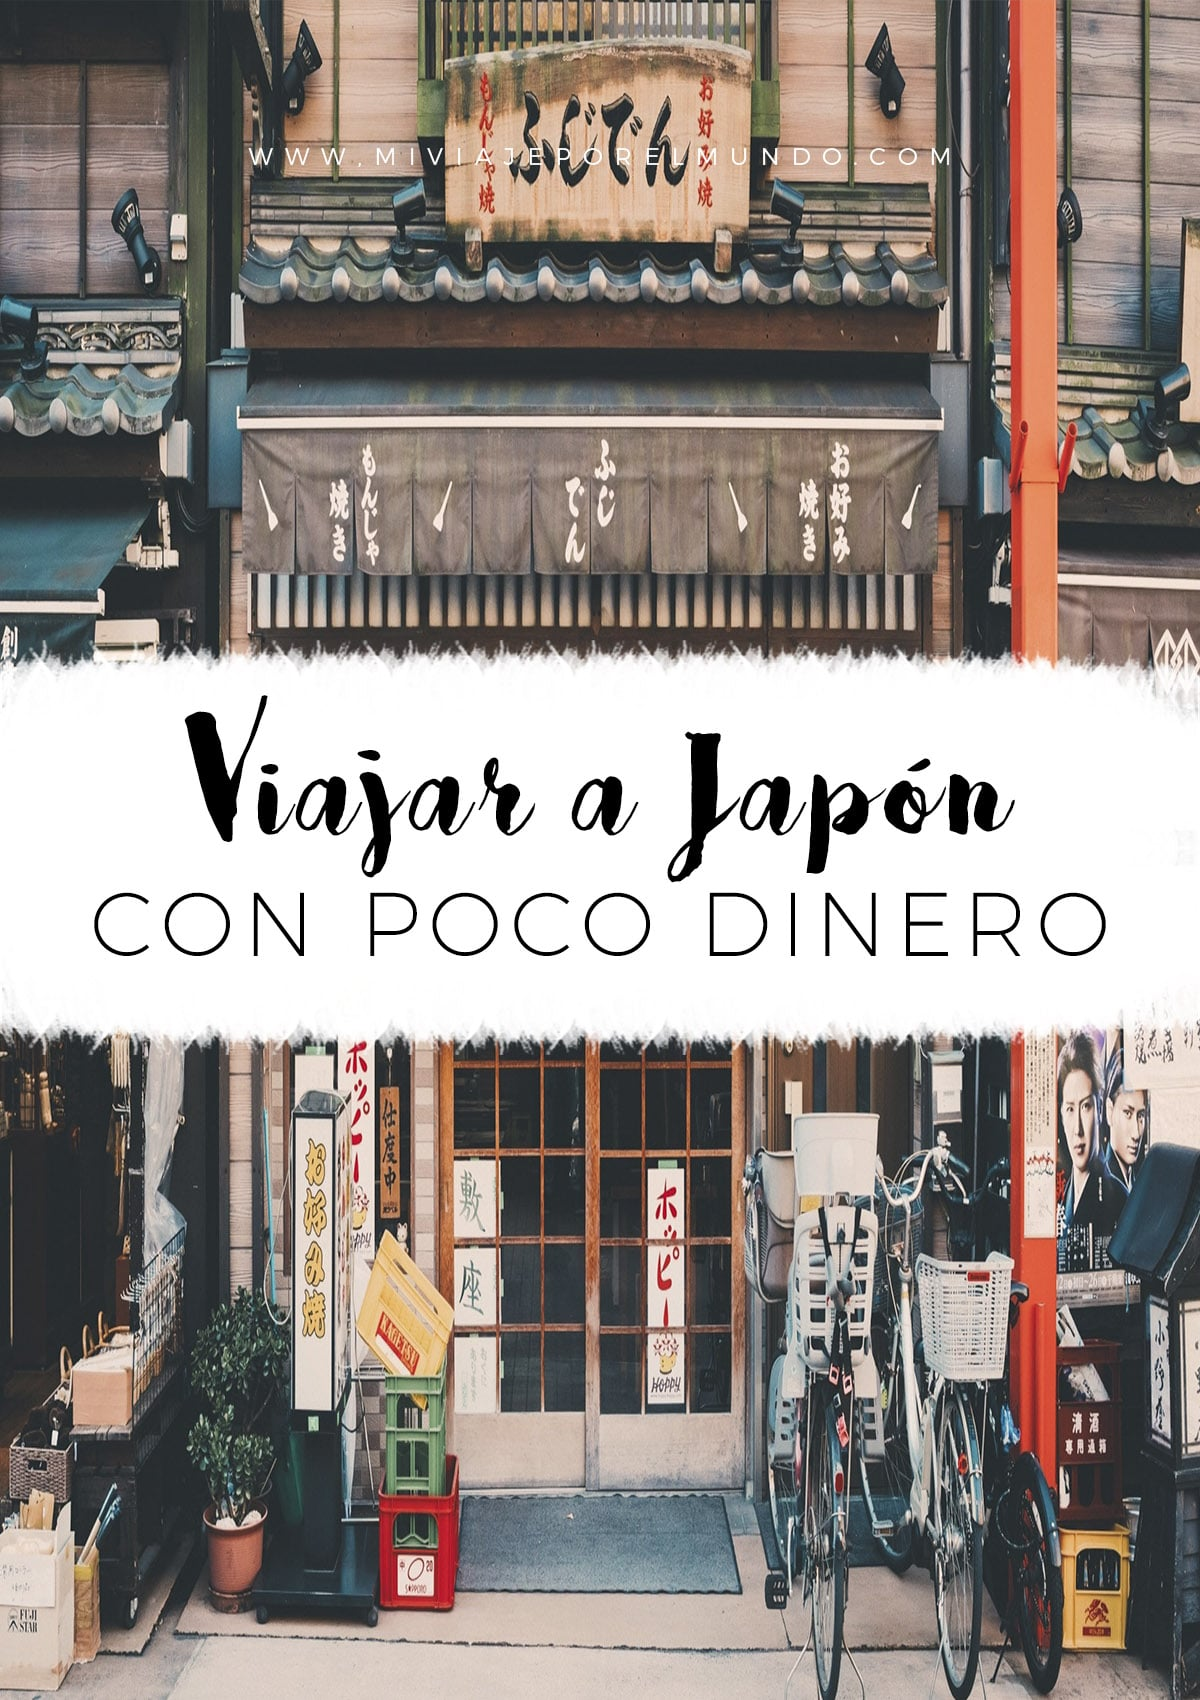 consejos para viajar barato a japon